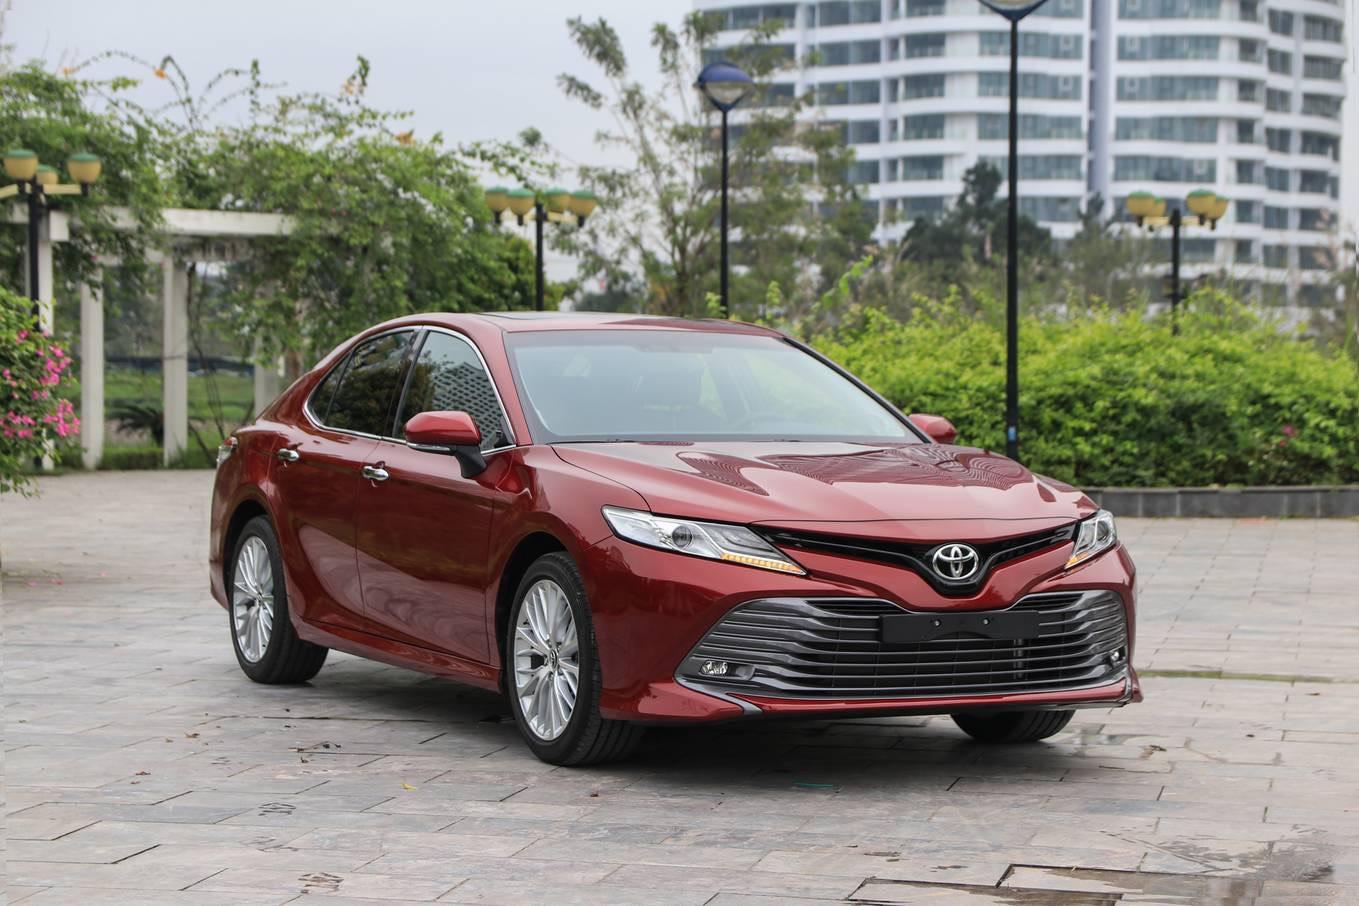 Toyota Camry 2020: Đánh giá chi tiết, thông số, lăn bánh trả góp